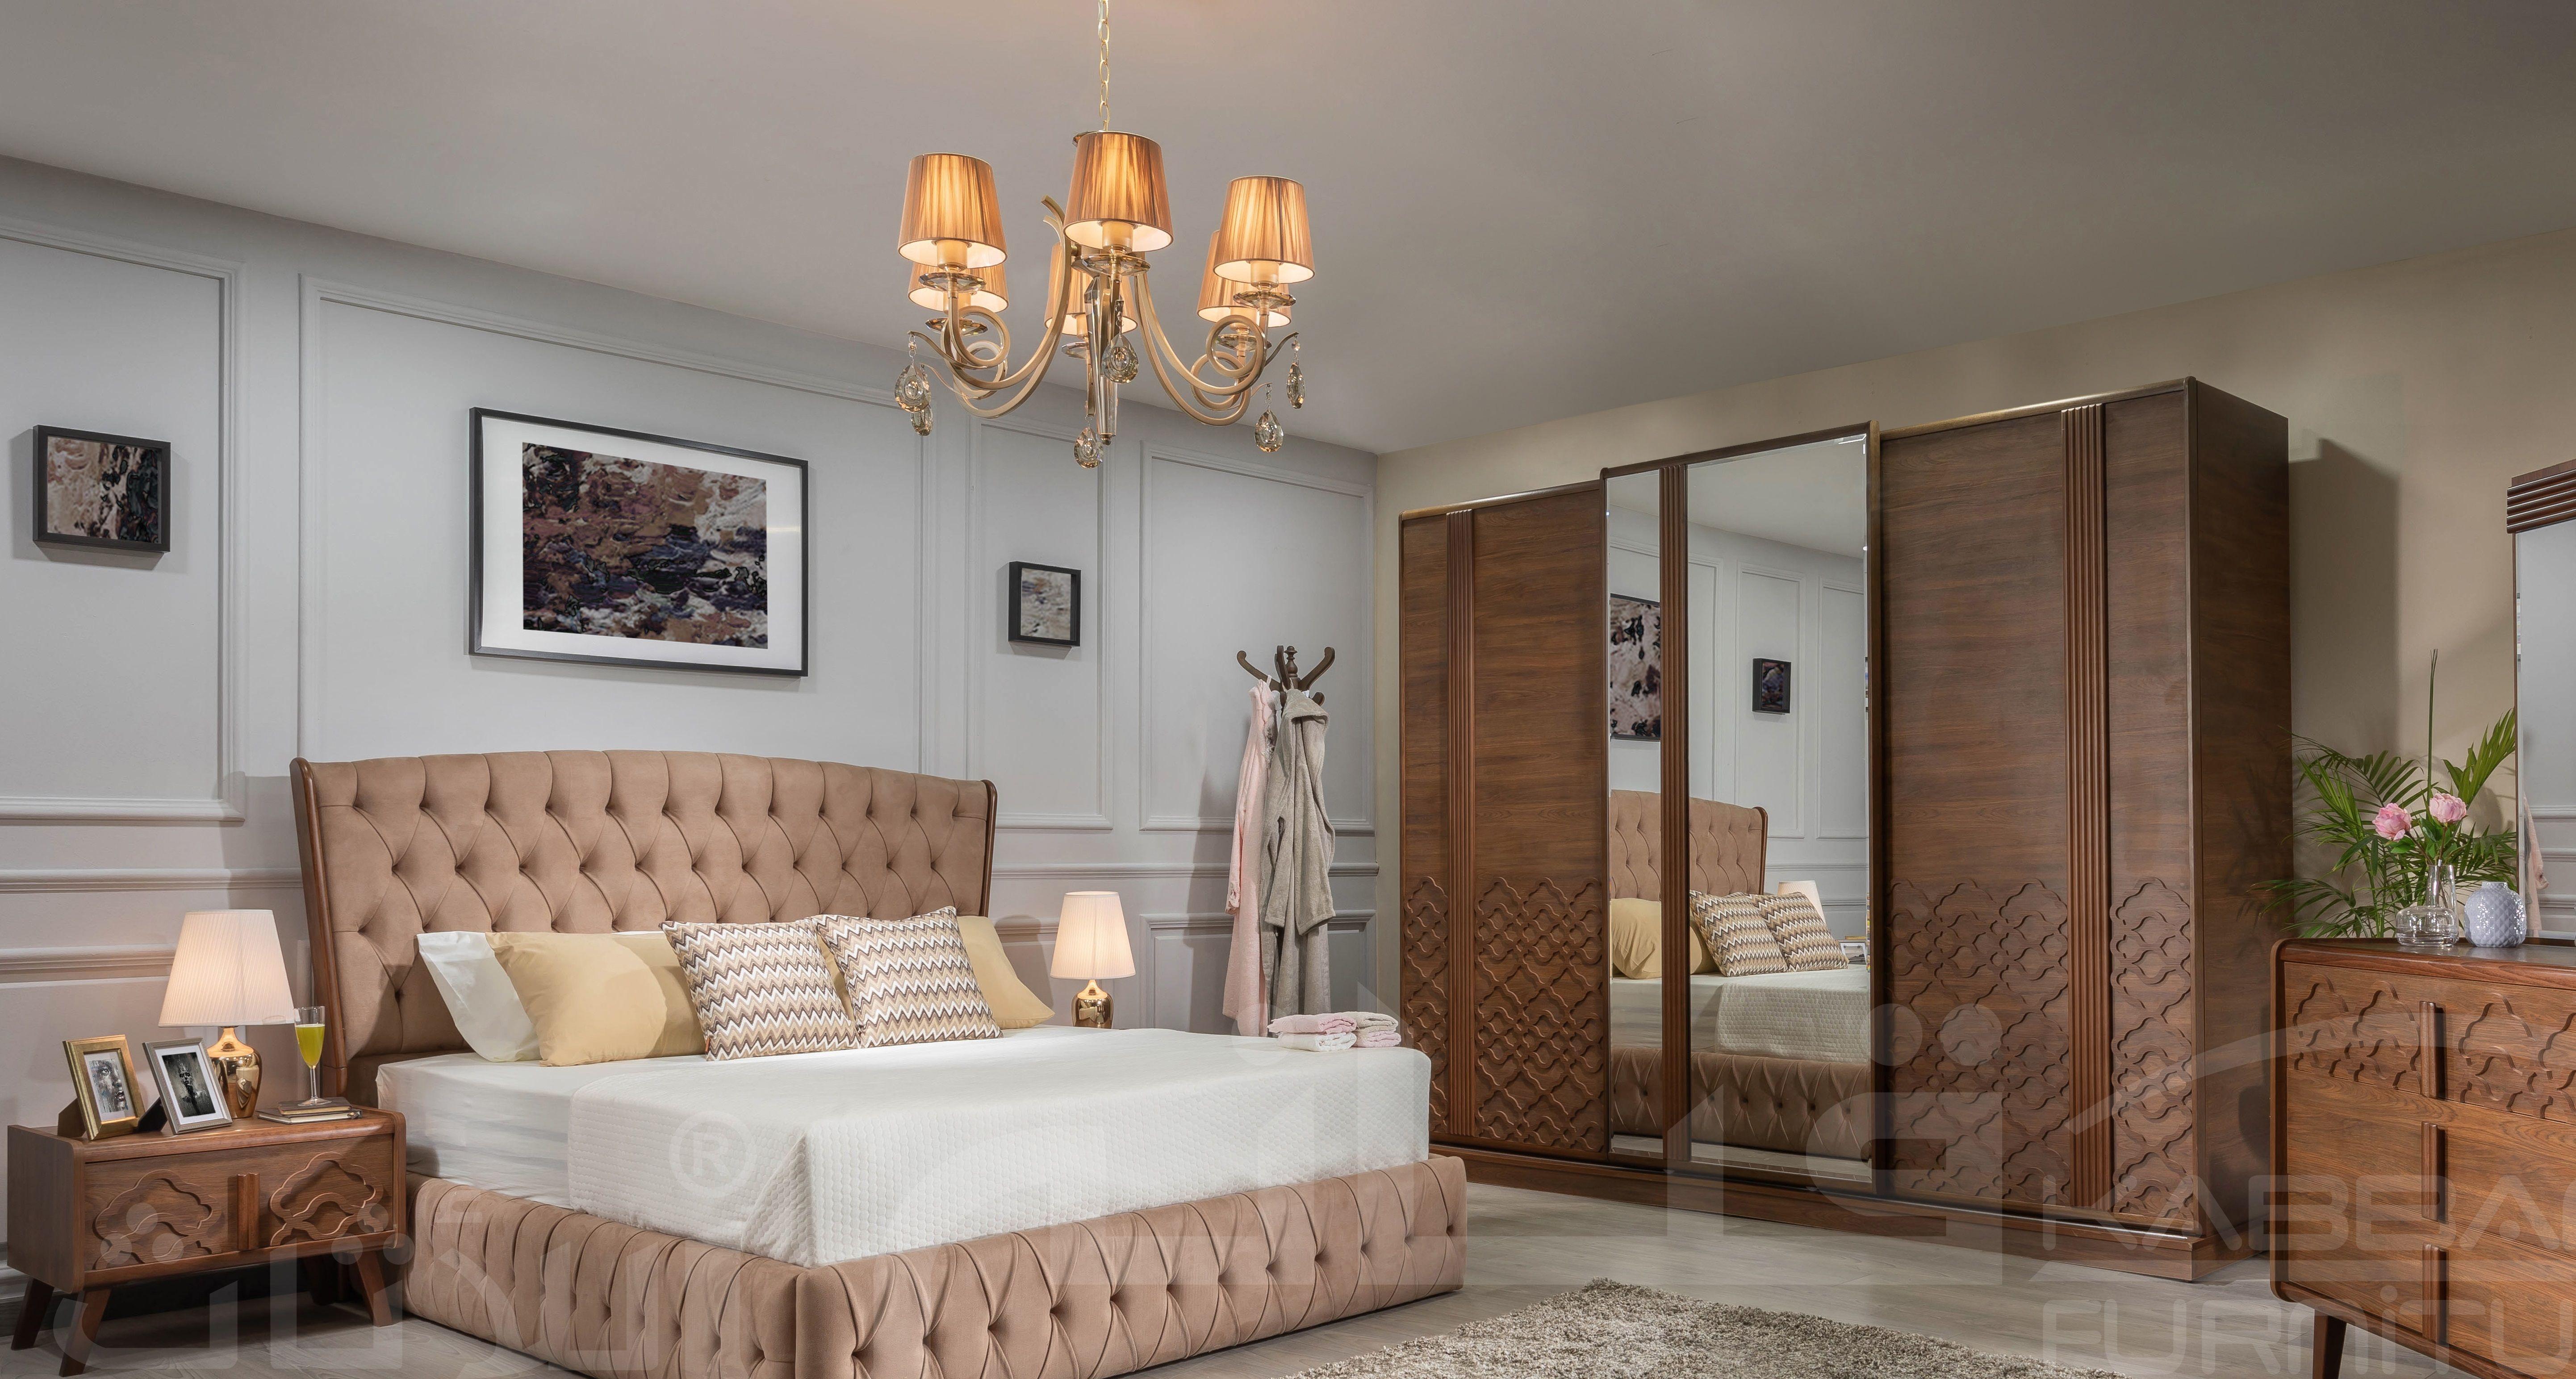 غرفة نوم براوني Furniture Home Bedroom